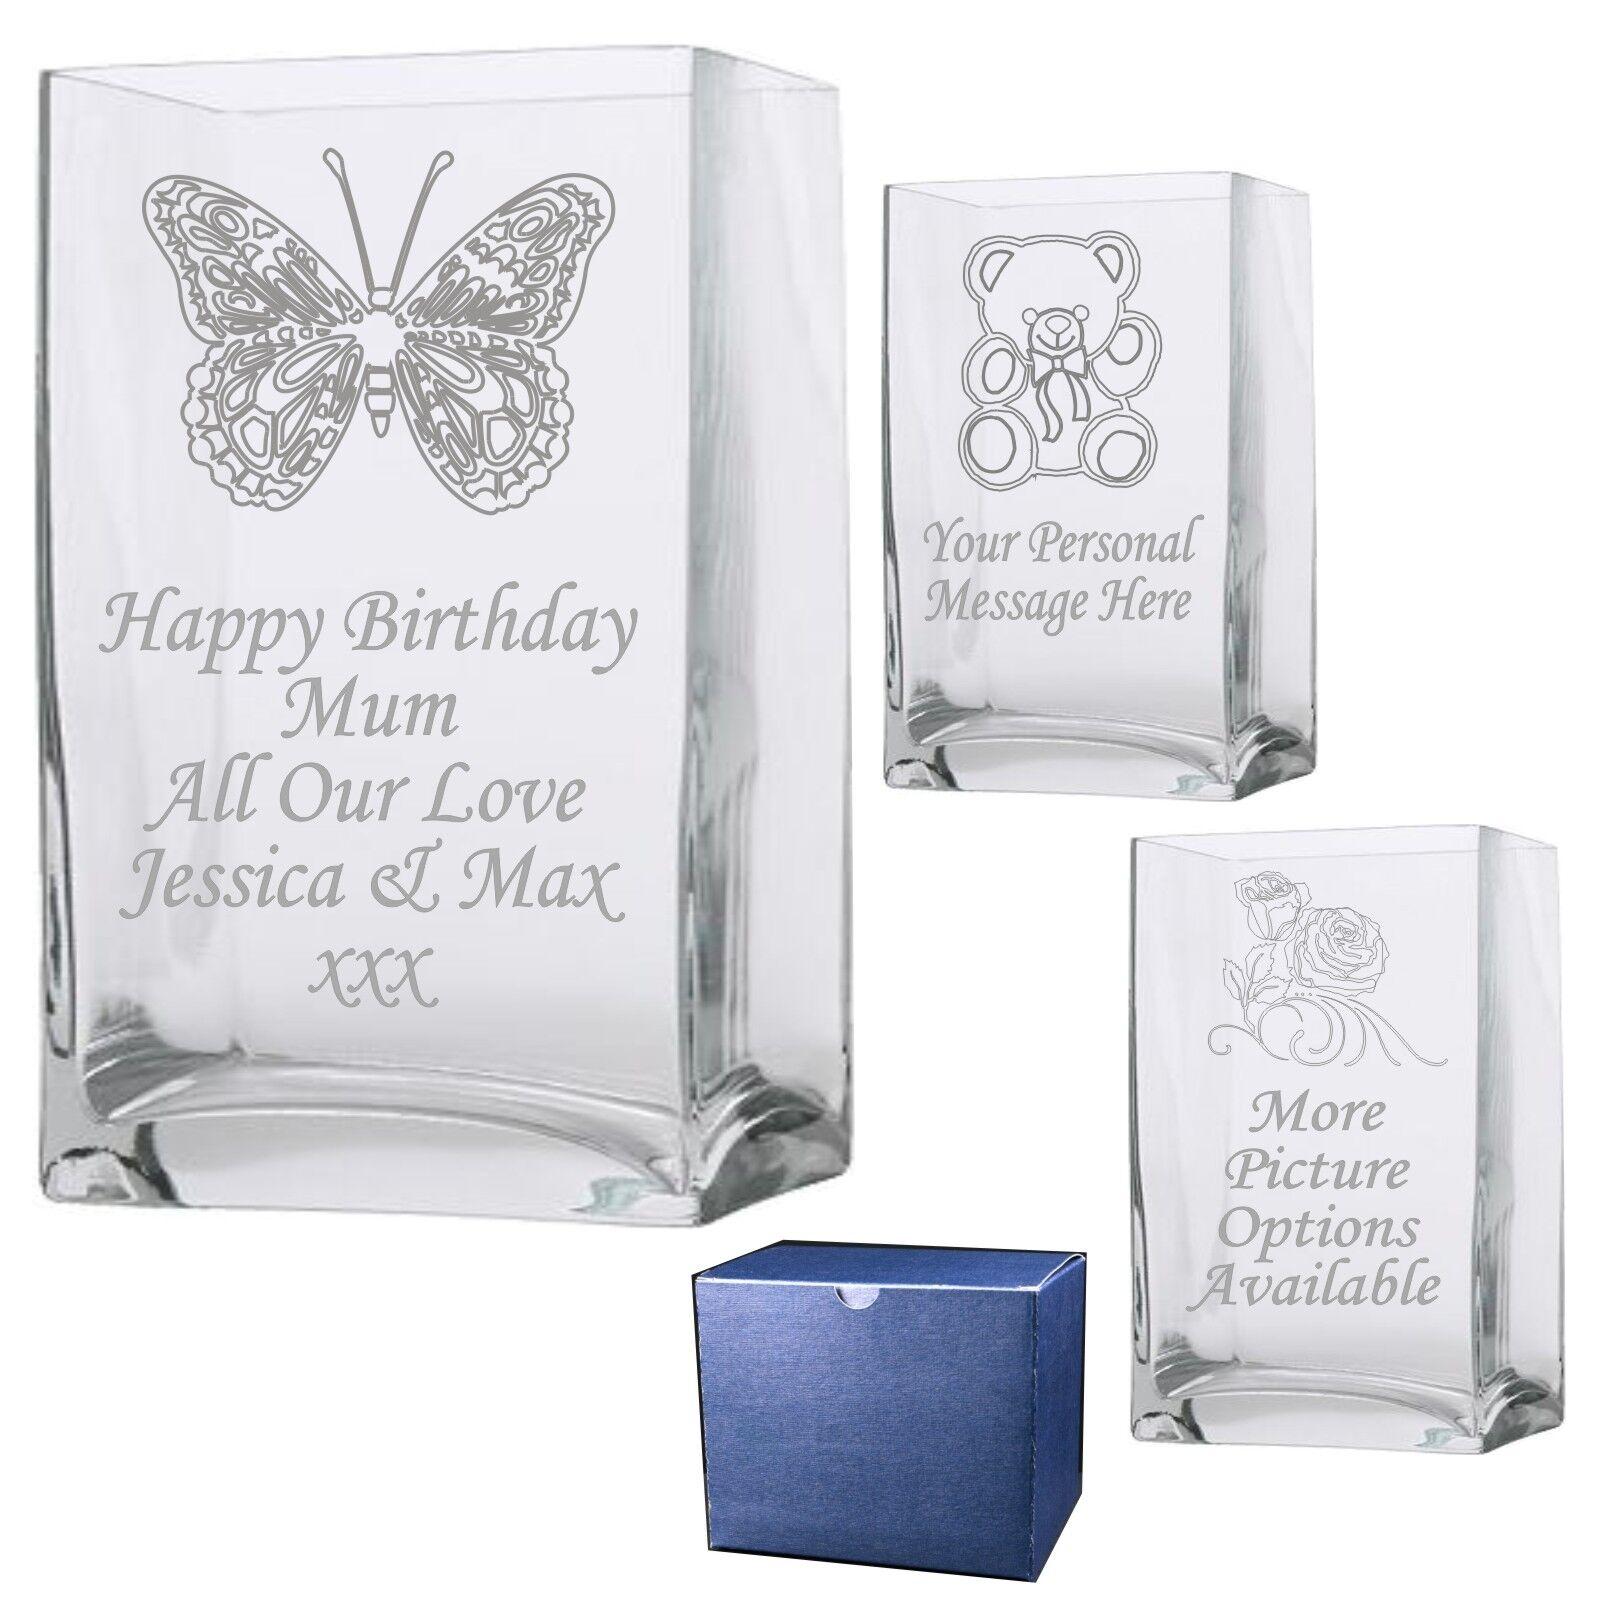 Vase rectangle gravé 1 grand-mère Nanan NANA Nanna Nan maman cadeau fête des mères